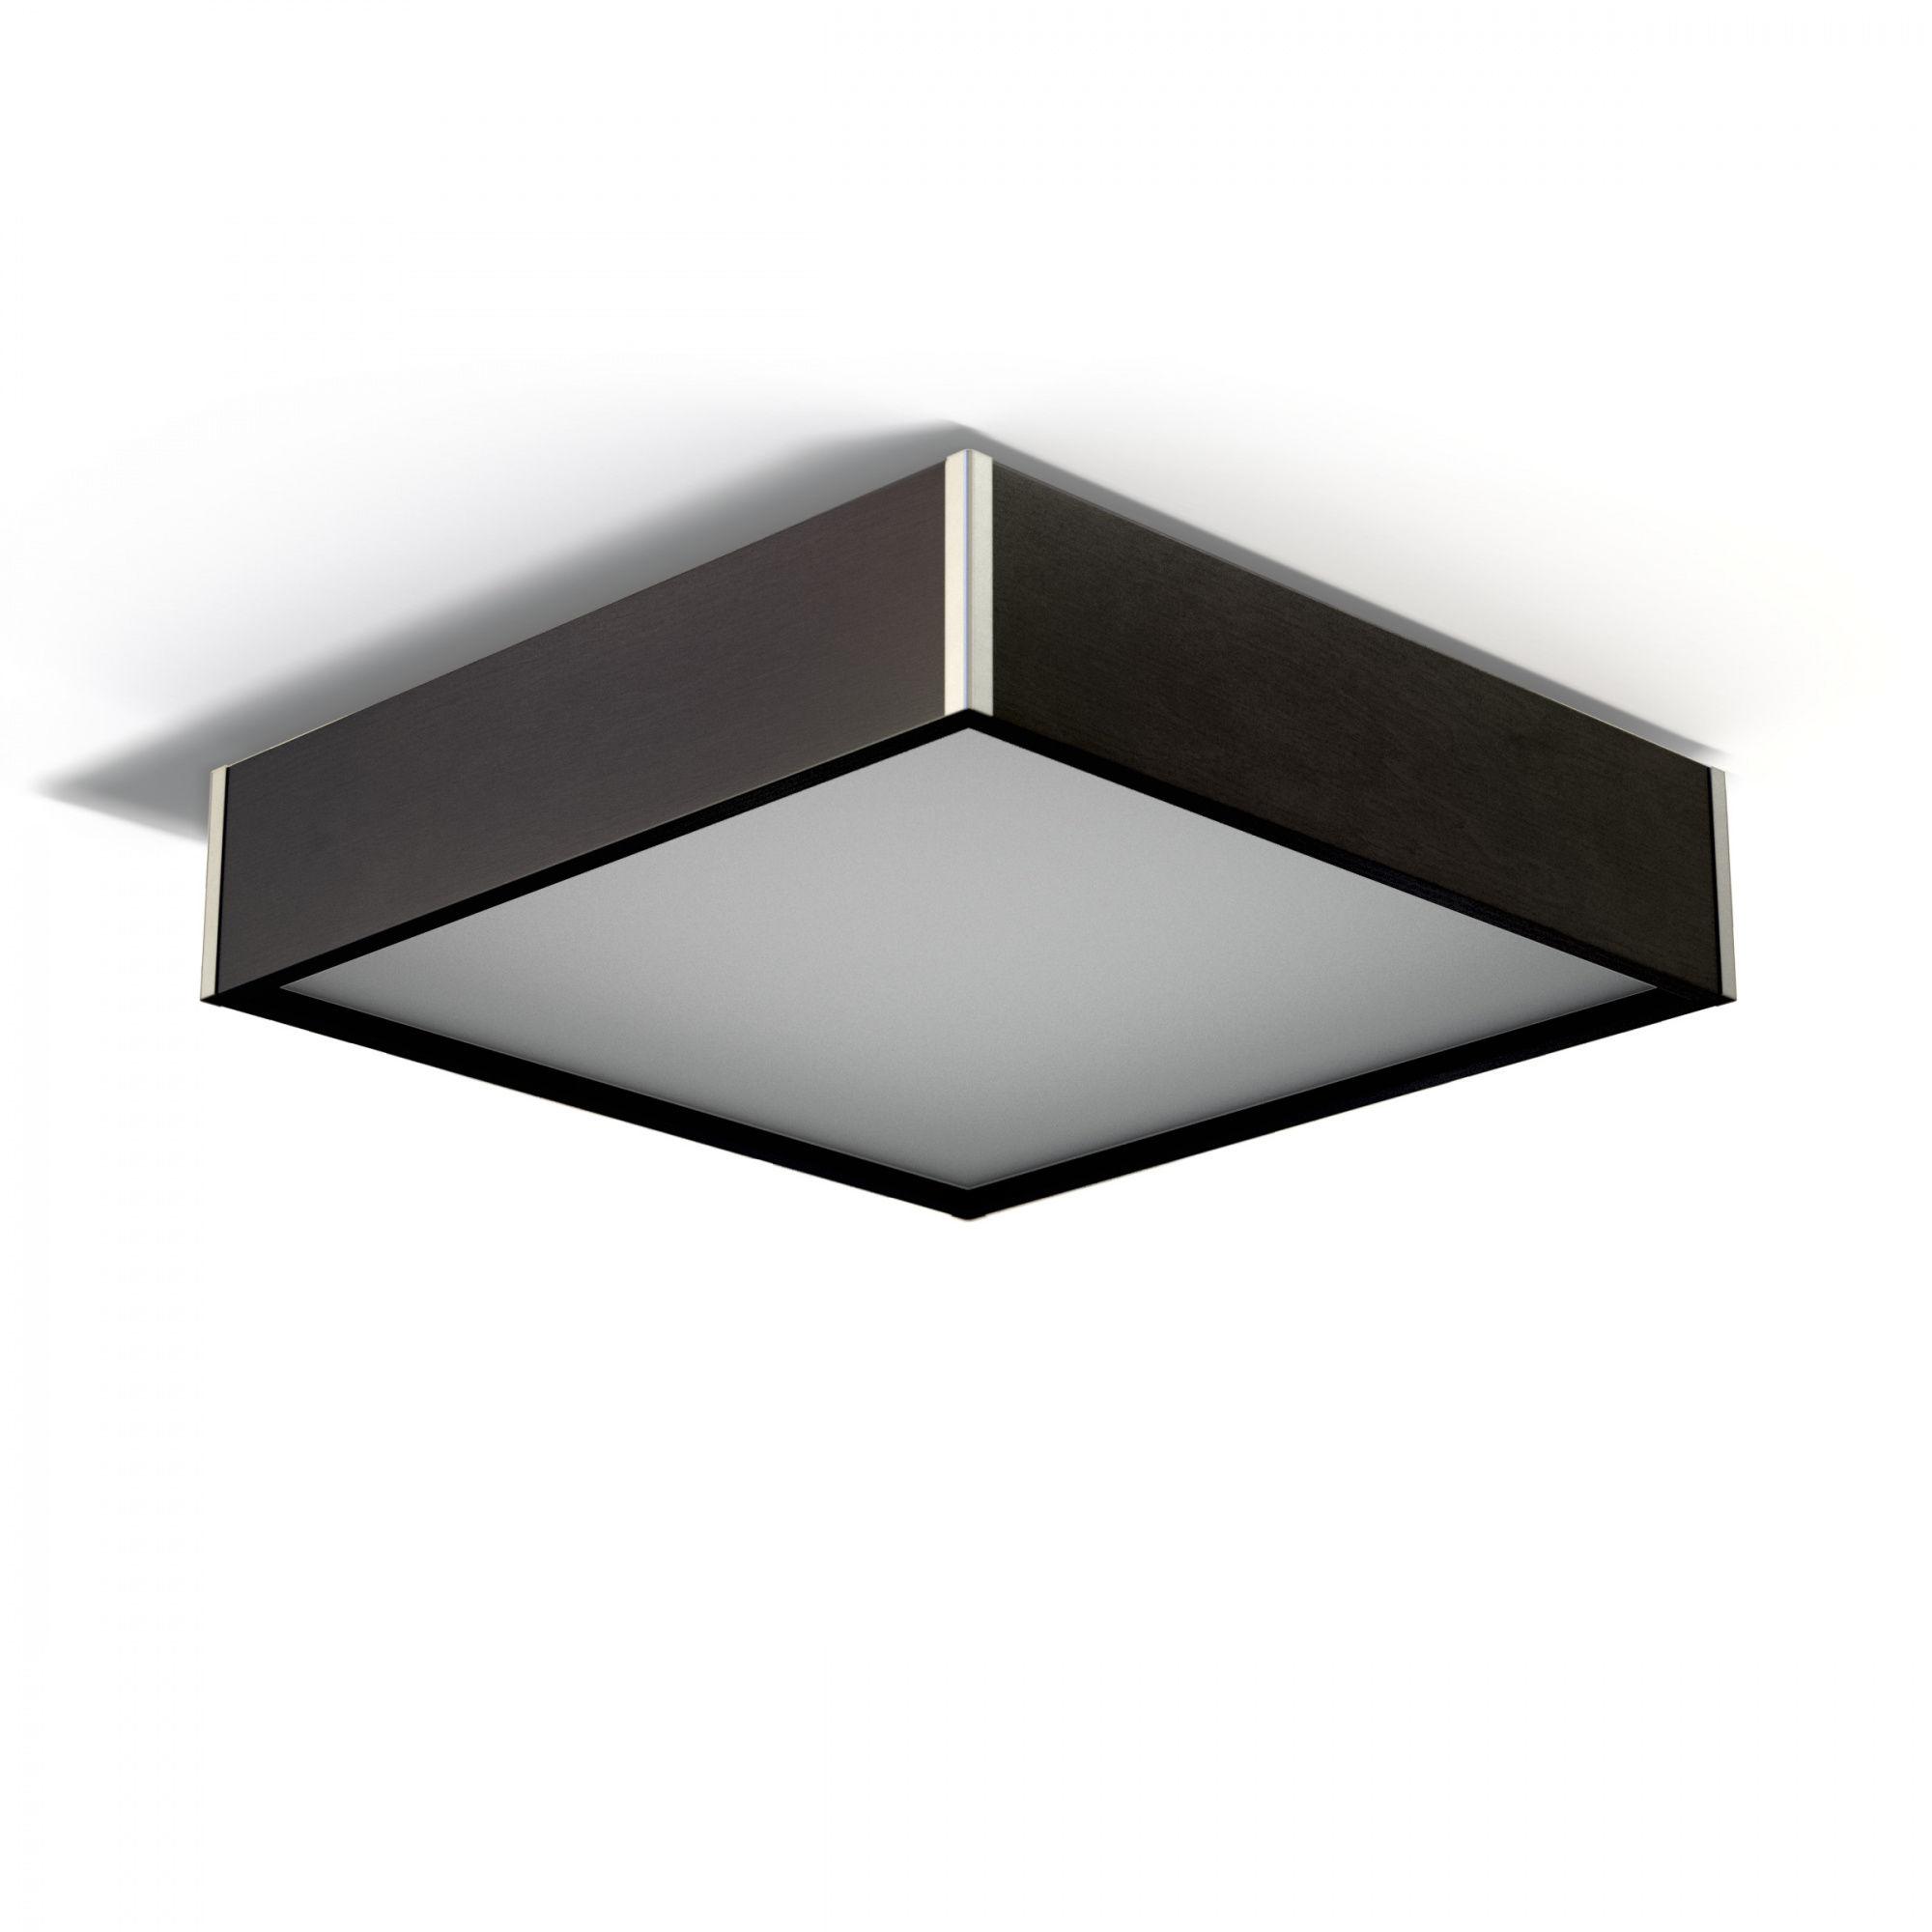 Plafon Avatar 500 1172P5 różne kolory Cleoni kwadratowa oprawa w minimalistycznym stylu